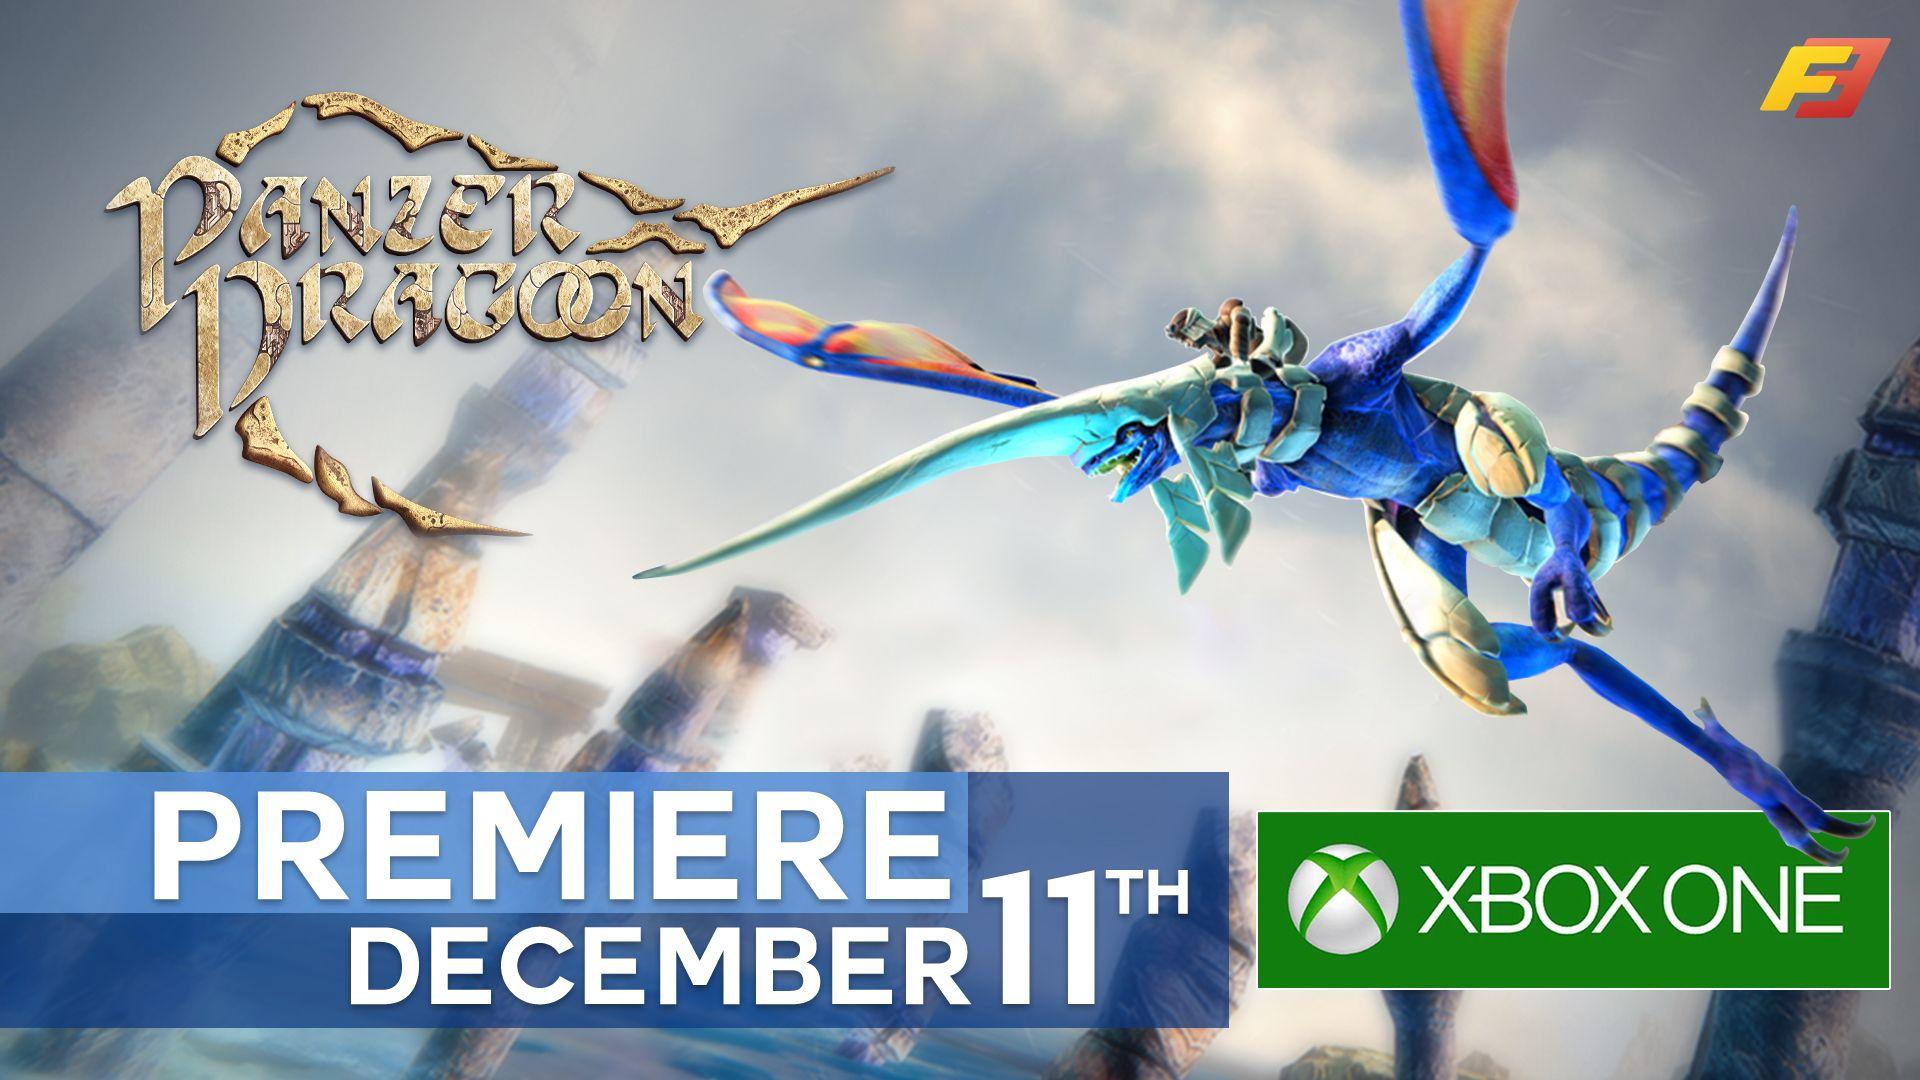 《铁甲飞龙:重制版》将于12月11日登陆XboxOne平台